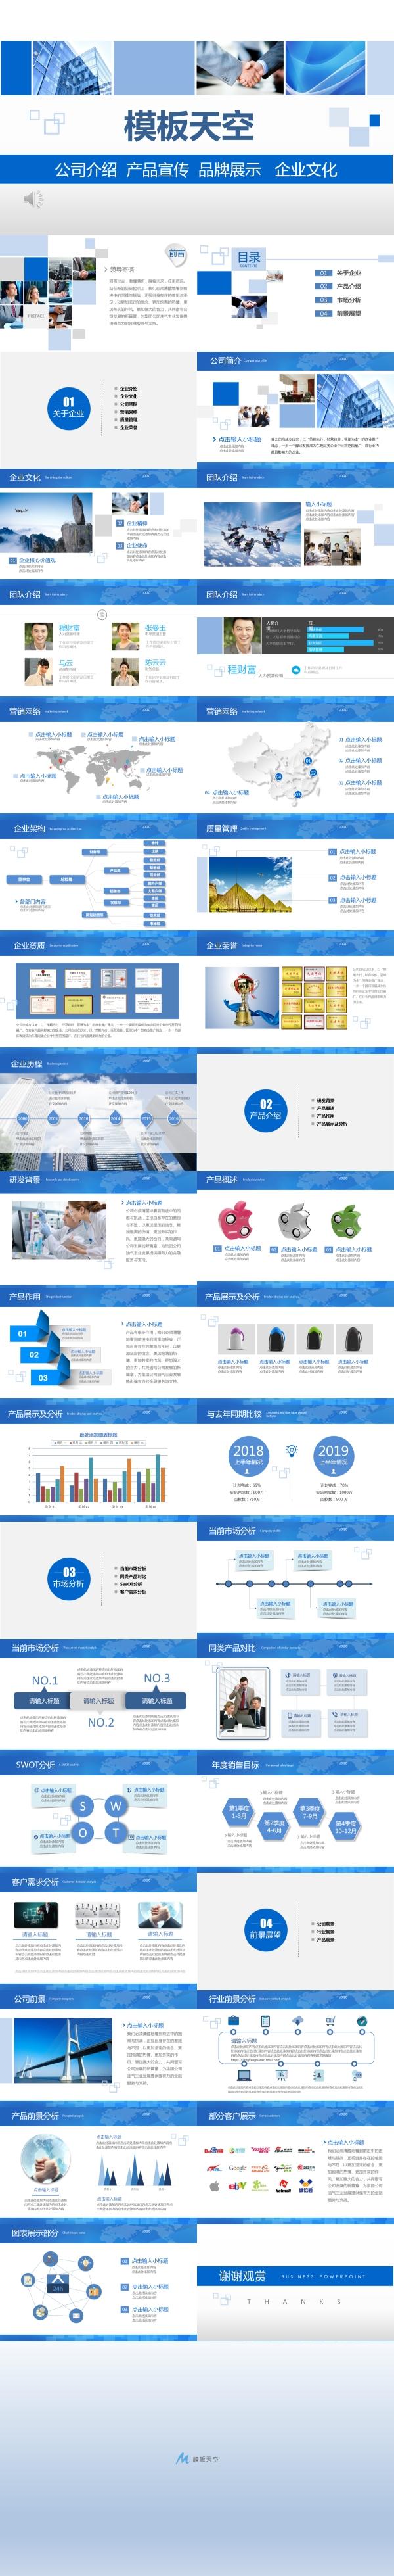 公司产品介绍及企业文化的PPT模板